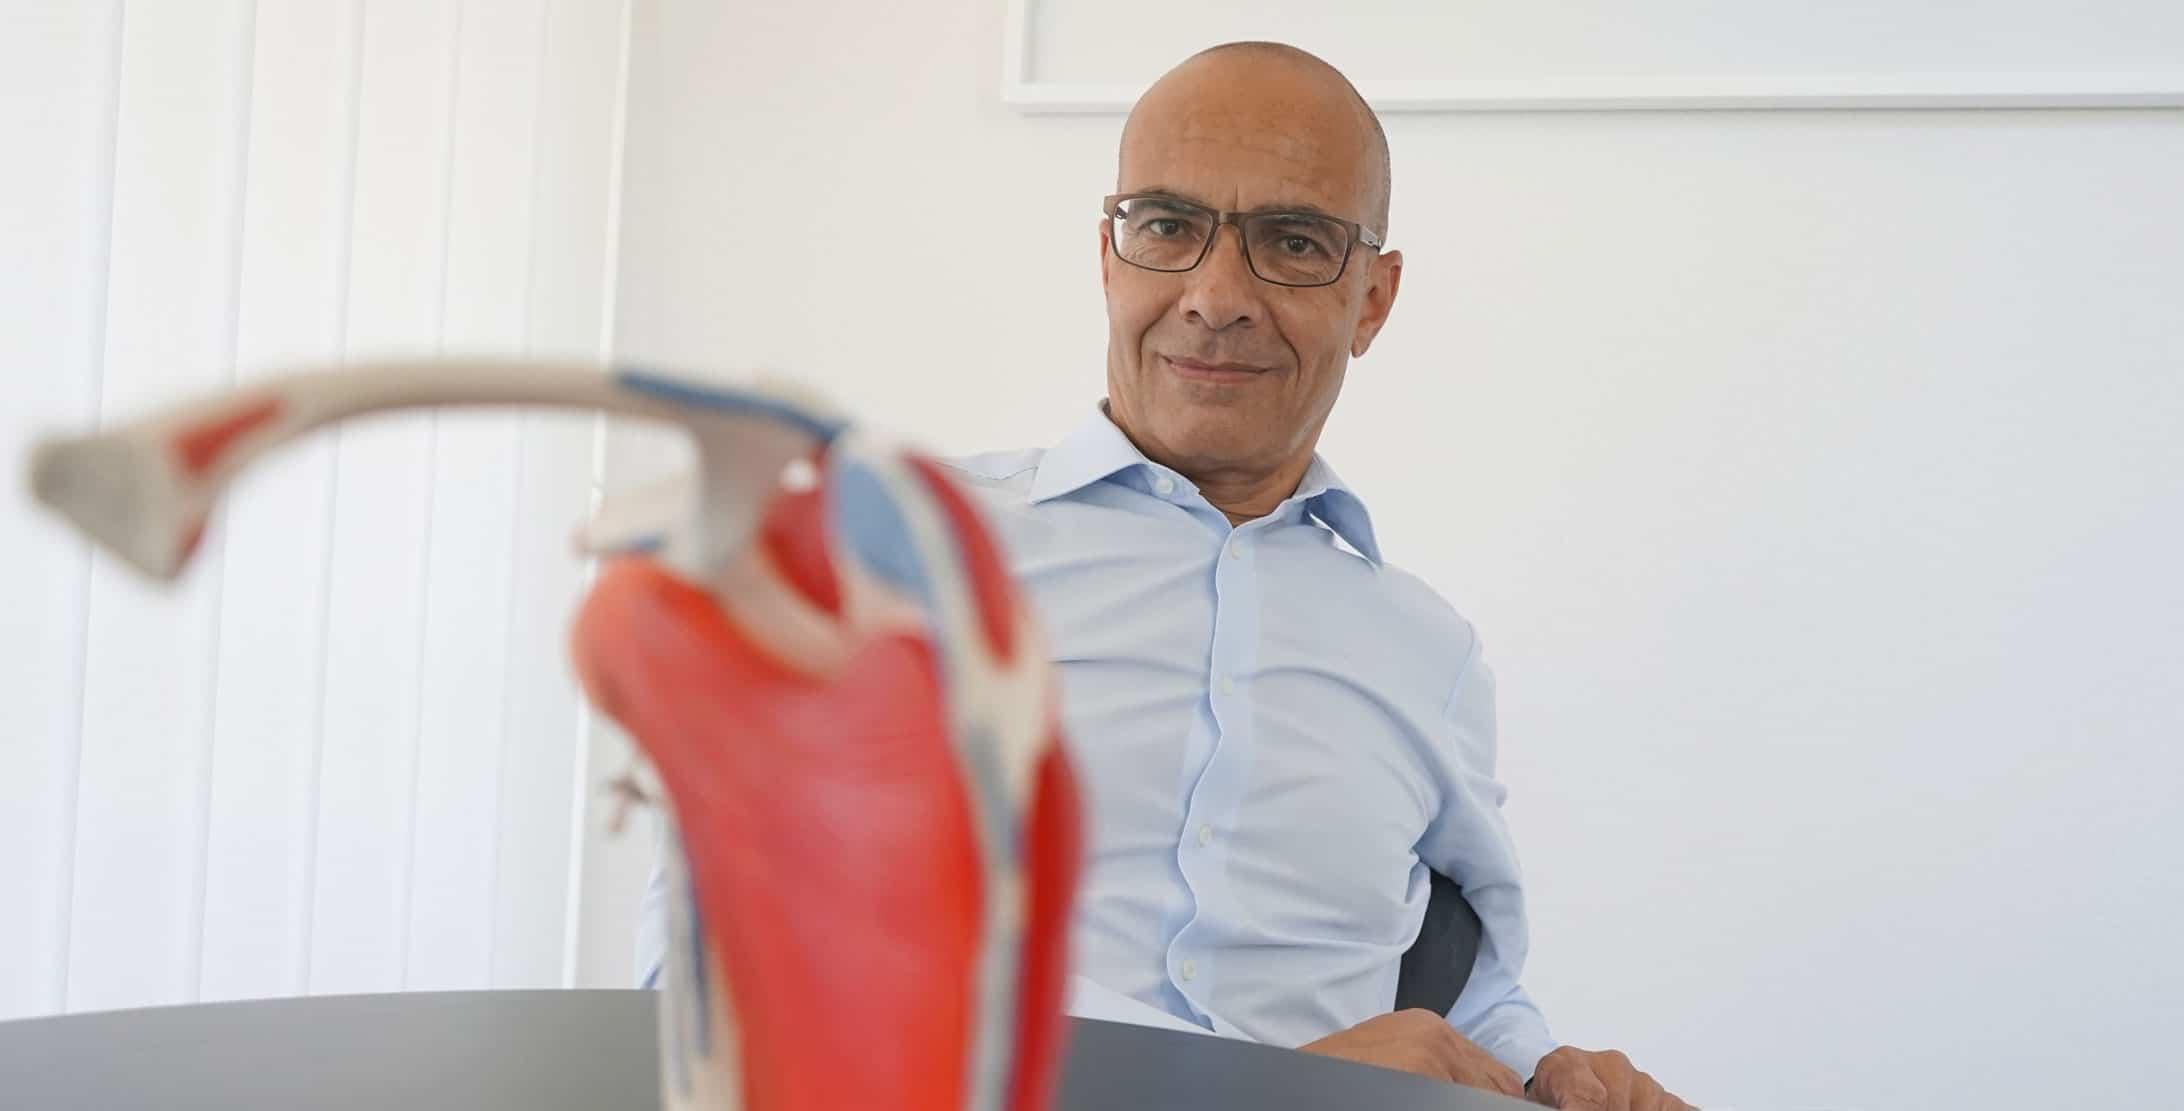 Portrait von Karim Eid mit einem Modell eines Schultergelenks